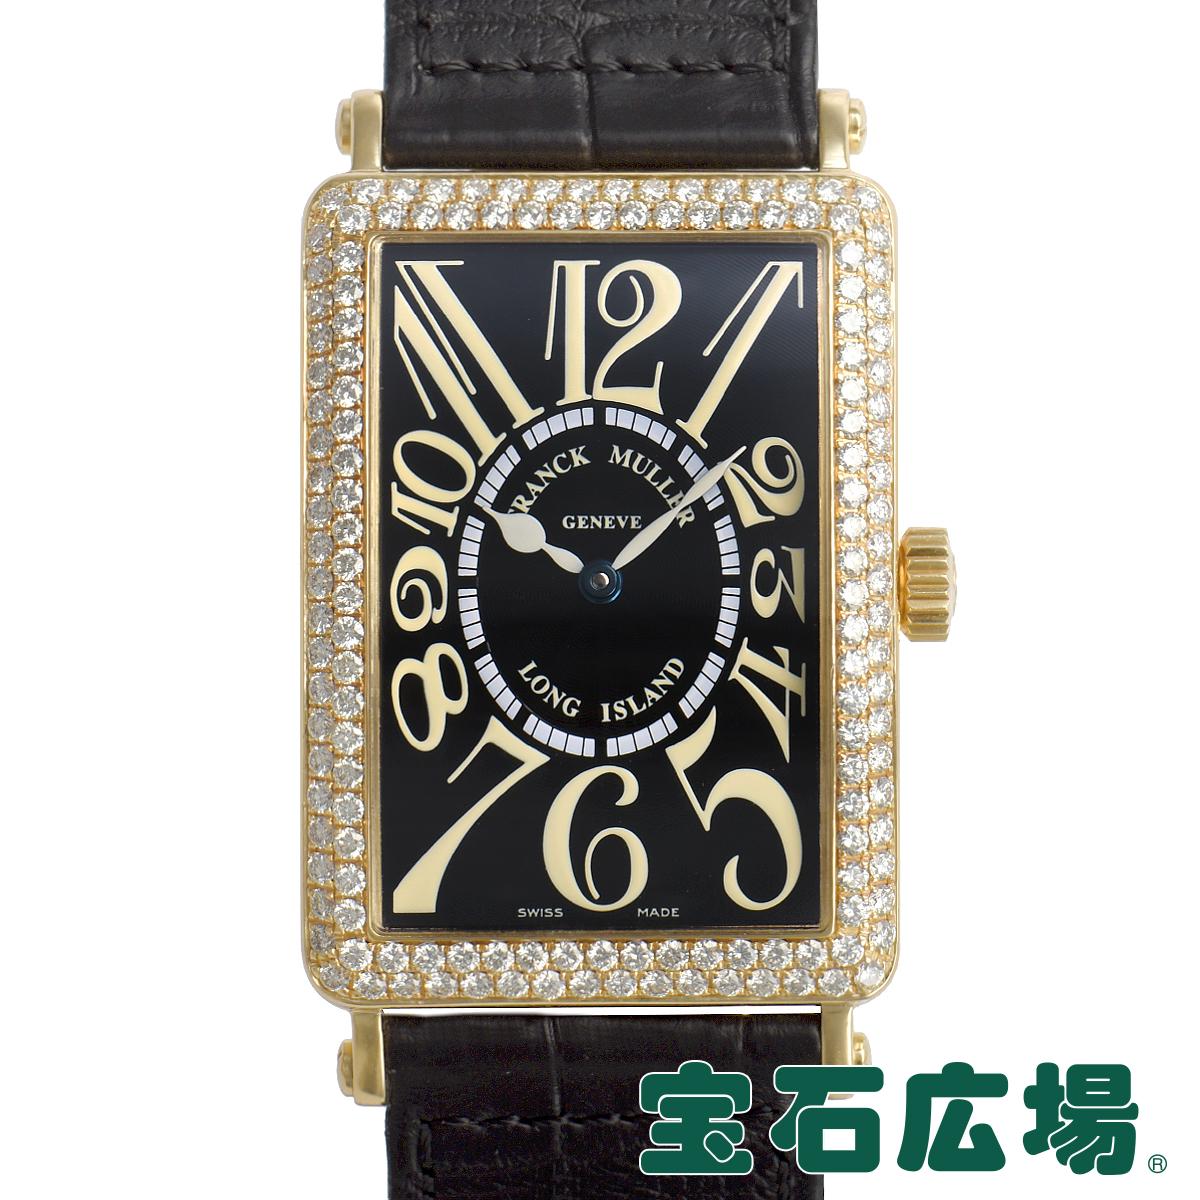 経典ブランド フランクミュラー FRANCK MULLER ロングアイランド 1000SCD【】メンズ 腕時計 送料無料, 【良好品】 92fc937f